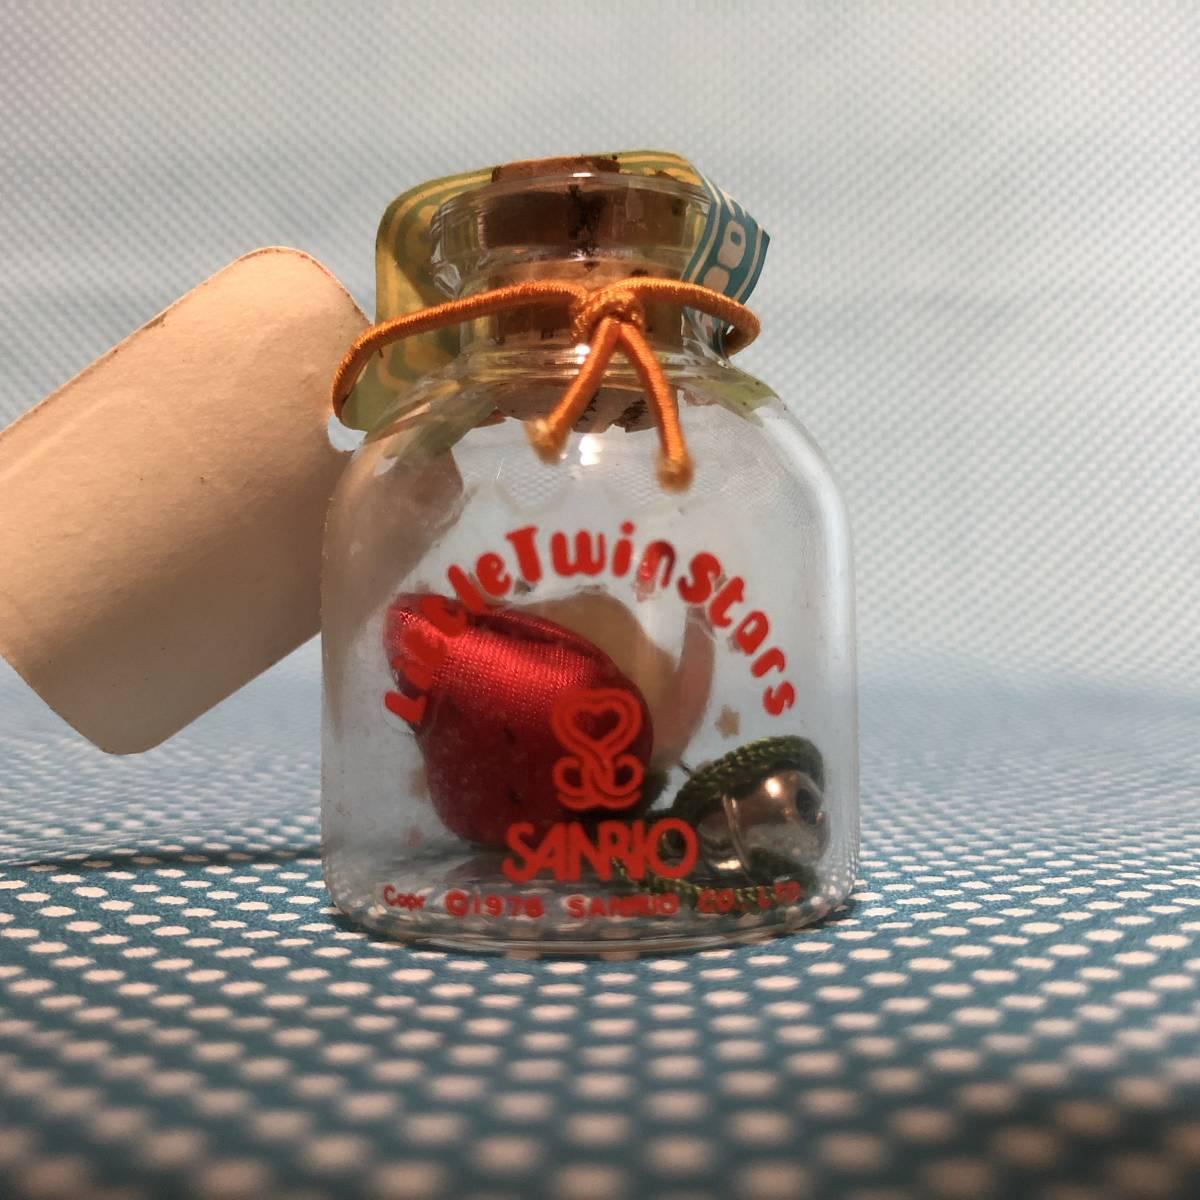 1976年 当時物 リトルツインスターズ リトルフレグランス 匂い袋 いちご 小瓶 レトロ キキララ サンリオ _画像3